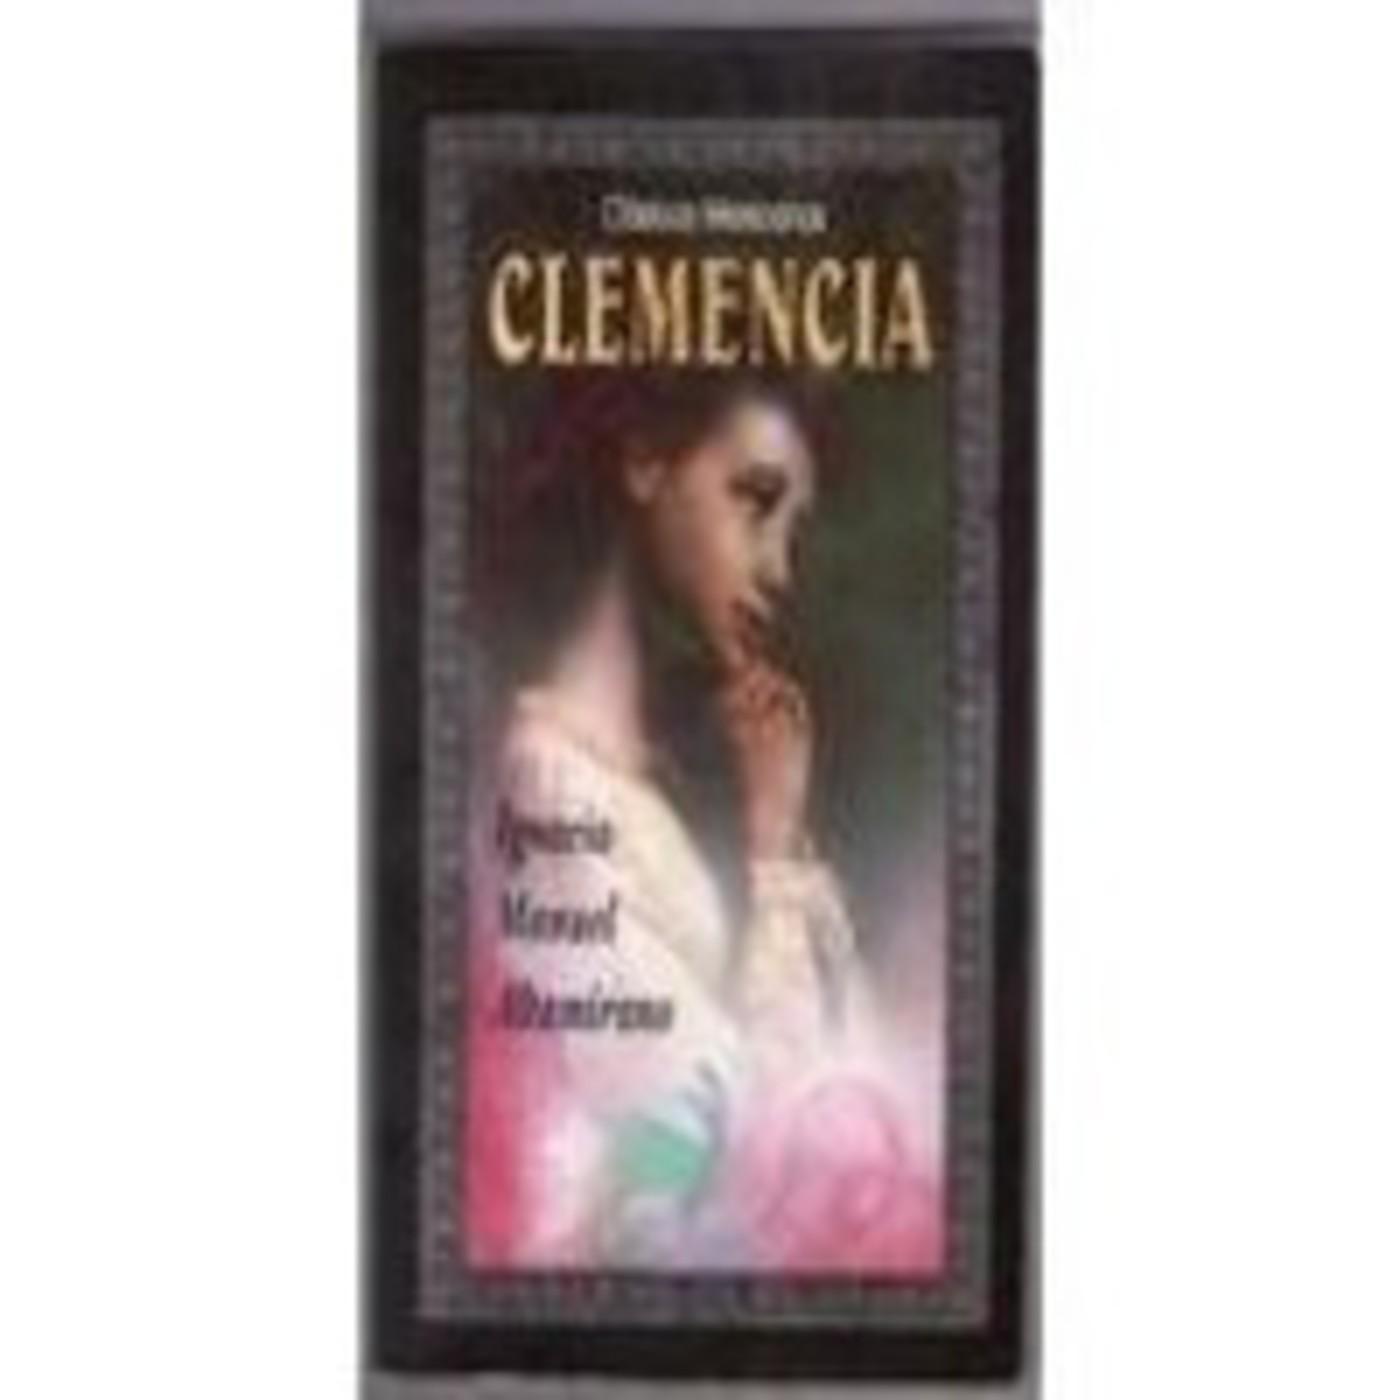 clemencia novela en espanol Además de la recreación histórica y los recuerdos personales que cristaliza,  clemencia, la más afortunada novela de ignacio m altamirano, estudia a sus.